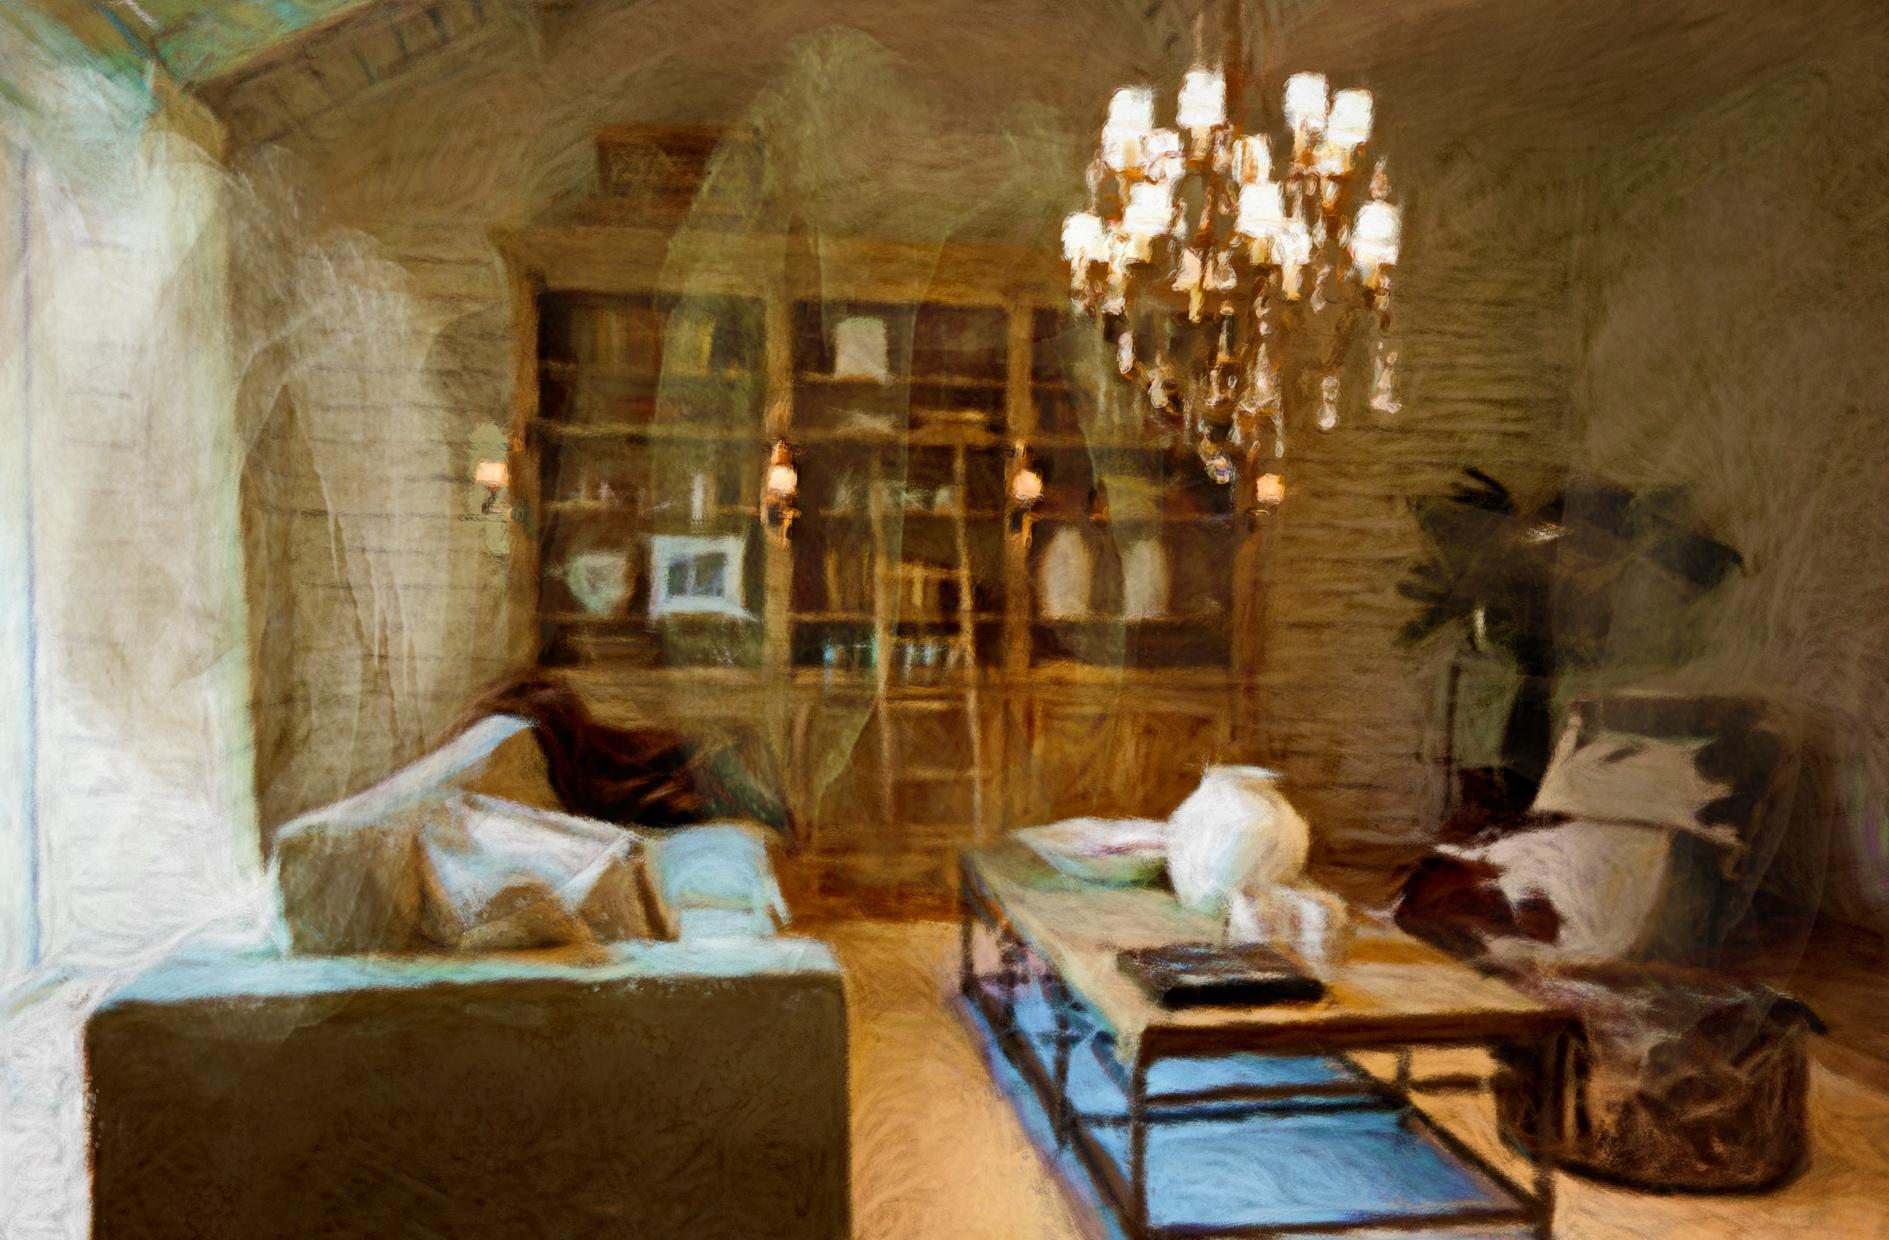 Lounge_bibliotheek,_een_schilderen_gemaakt_door_Laure_Van_De_Meele_geïnspireerd_door__Flamant_Interi